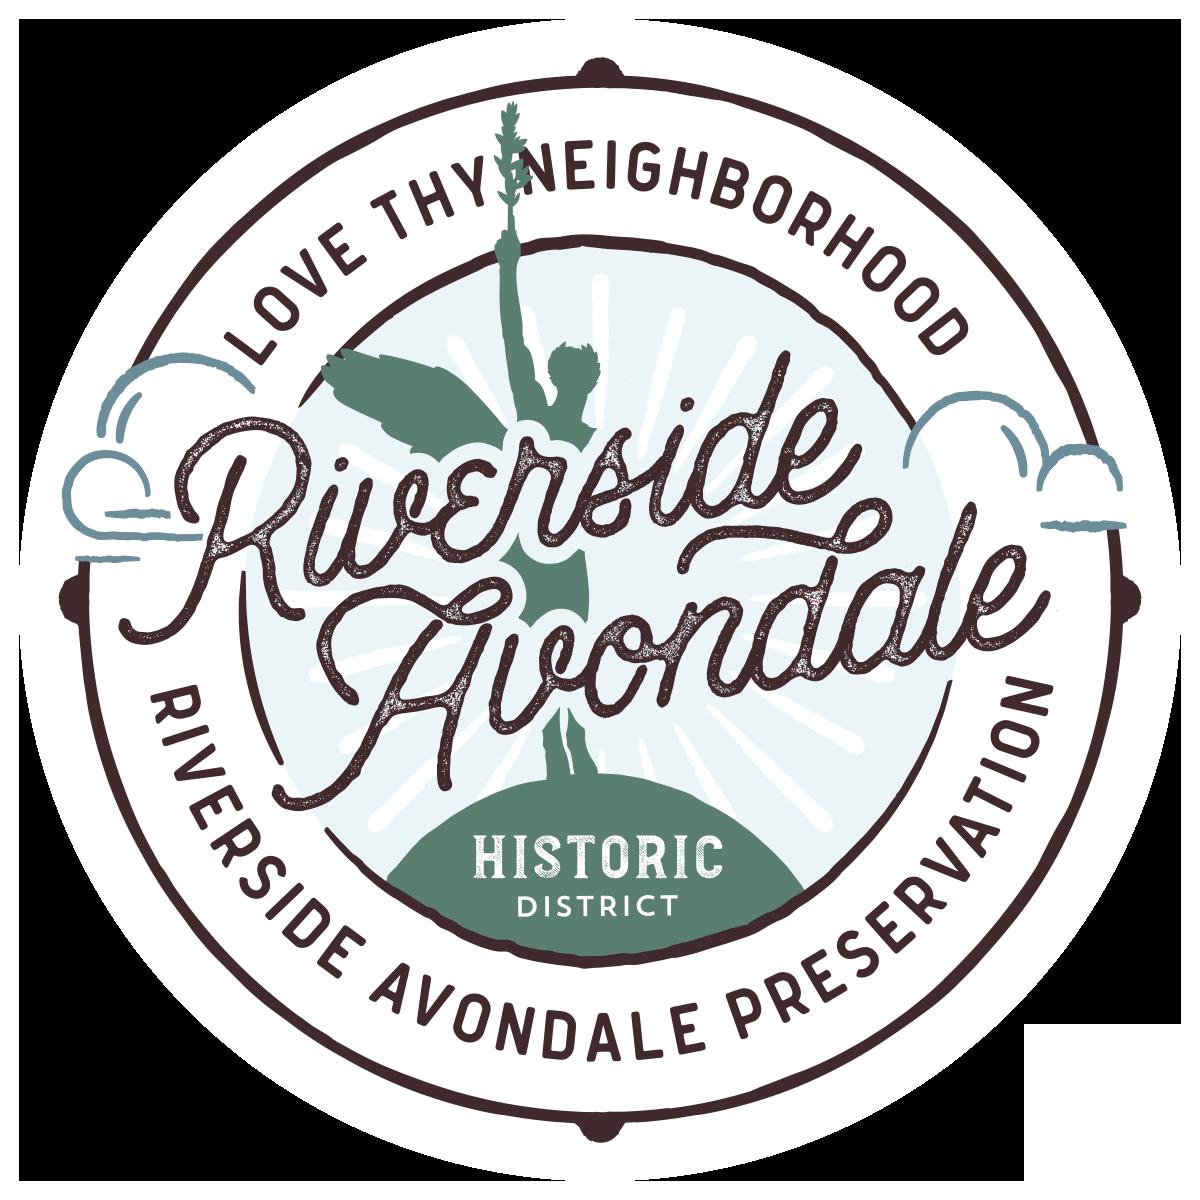 Riverside Avondale